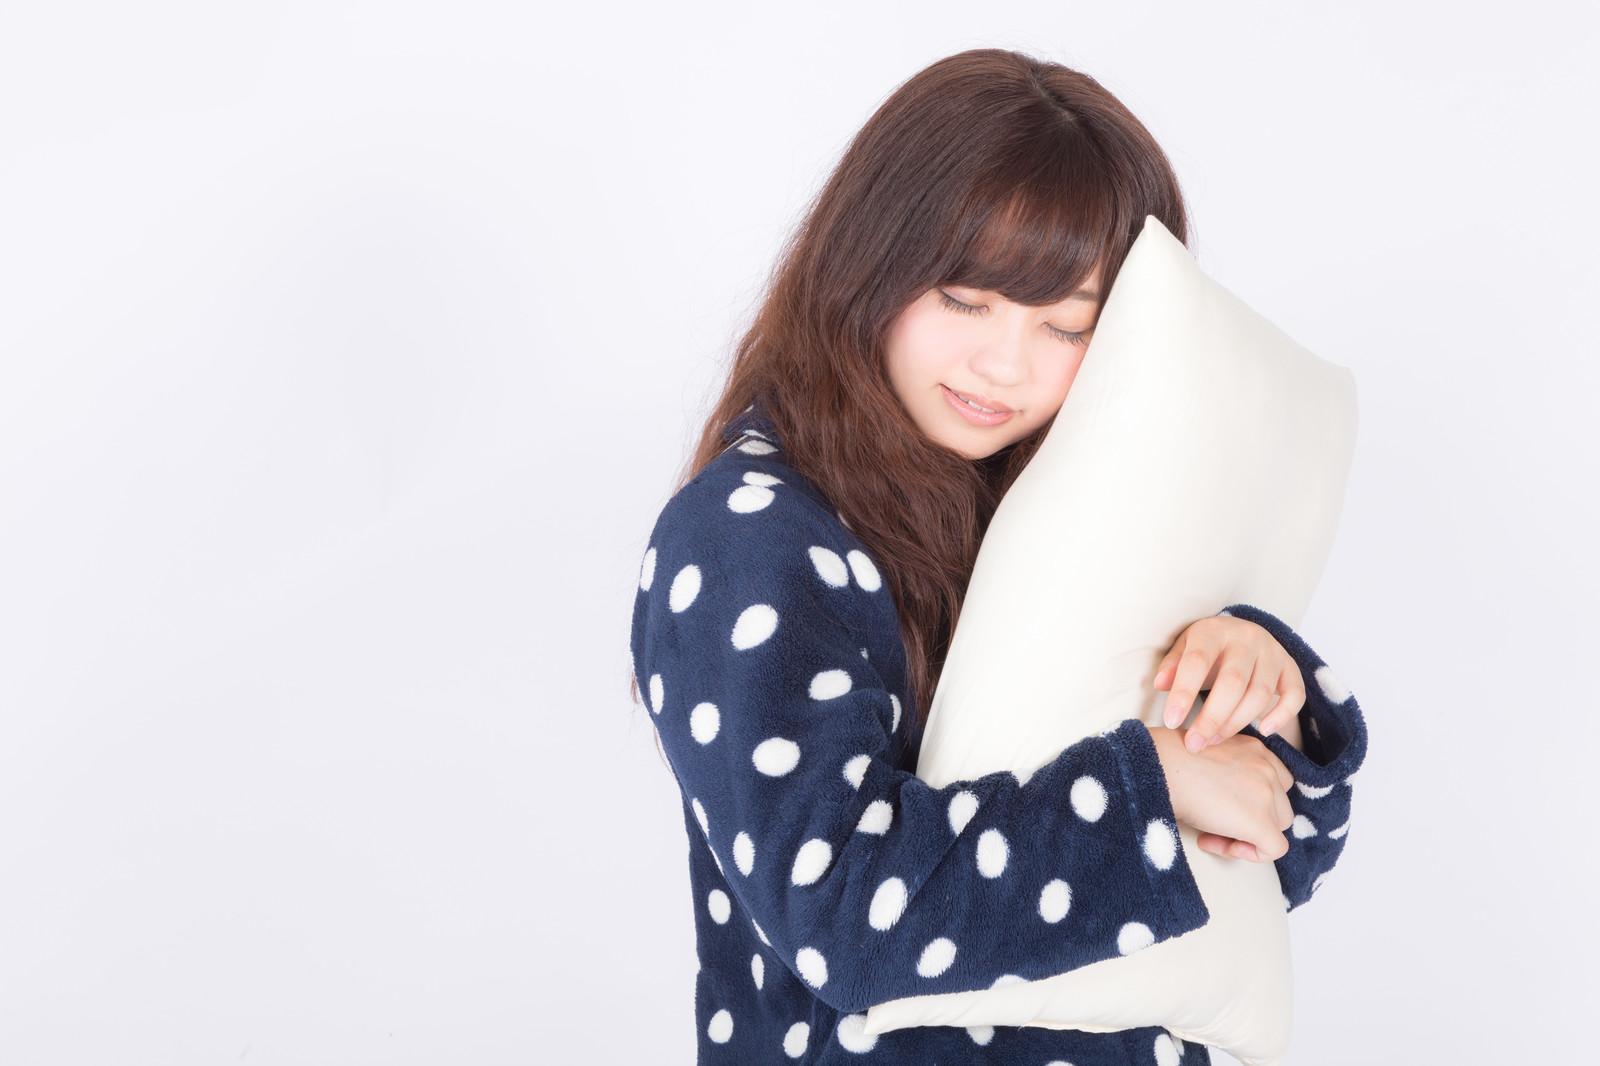 夜眠れない人必見|今日から実践できる!よく眠れる10の対策とは?